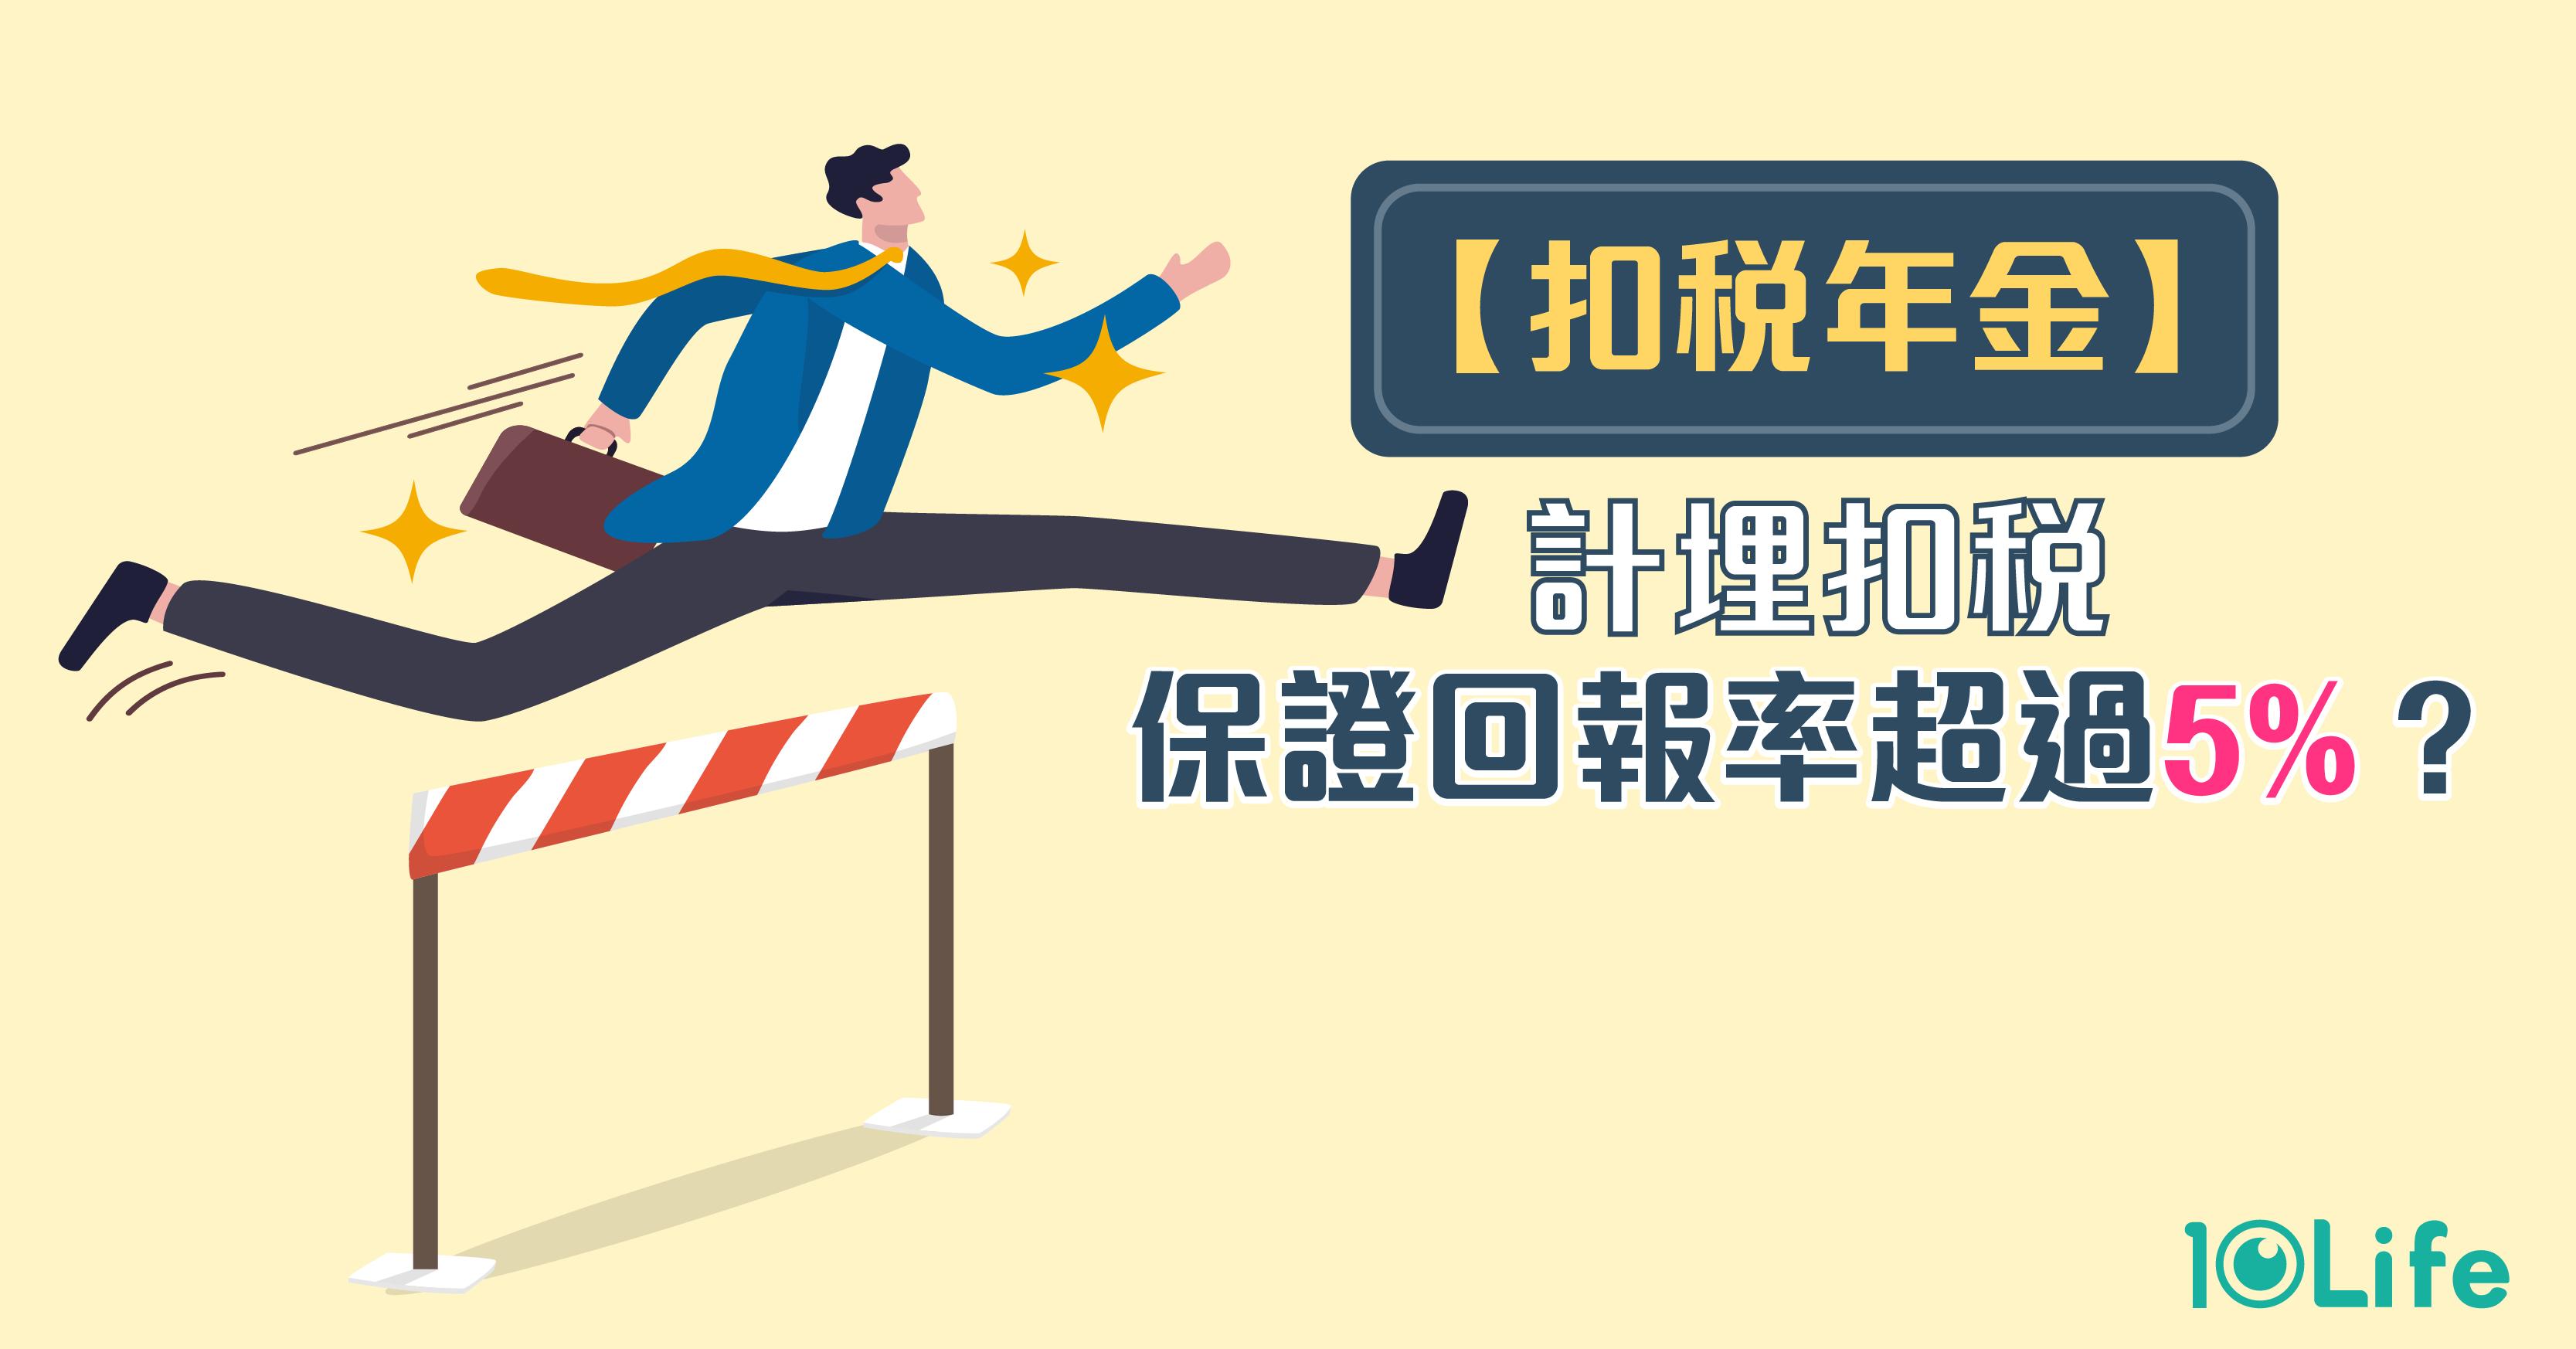 QDAP合資格延期年金的保證回報持續受壓 高保證回報嘅產品陸續下架